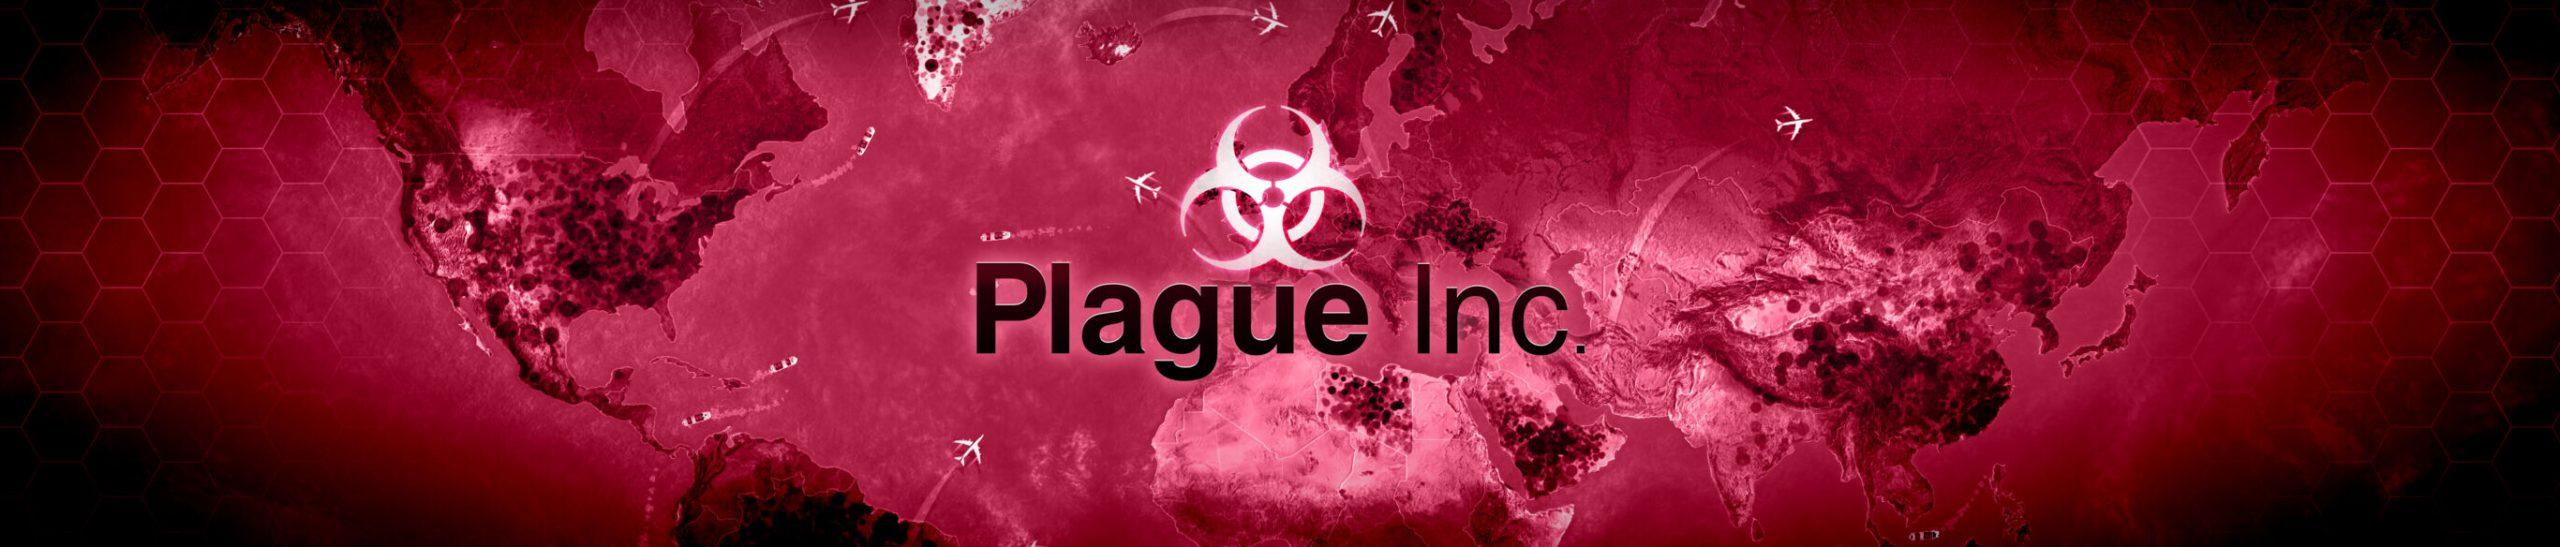 [内购]Plague Inc. (瘟疫公司)-草蜢资源